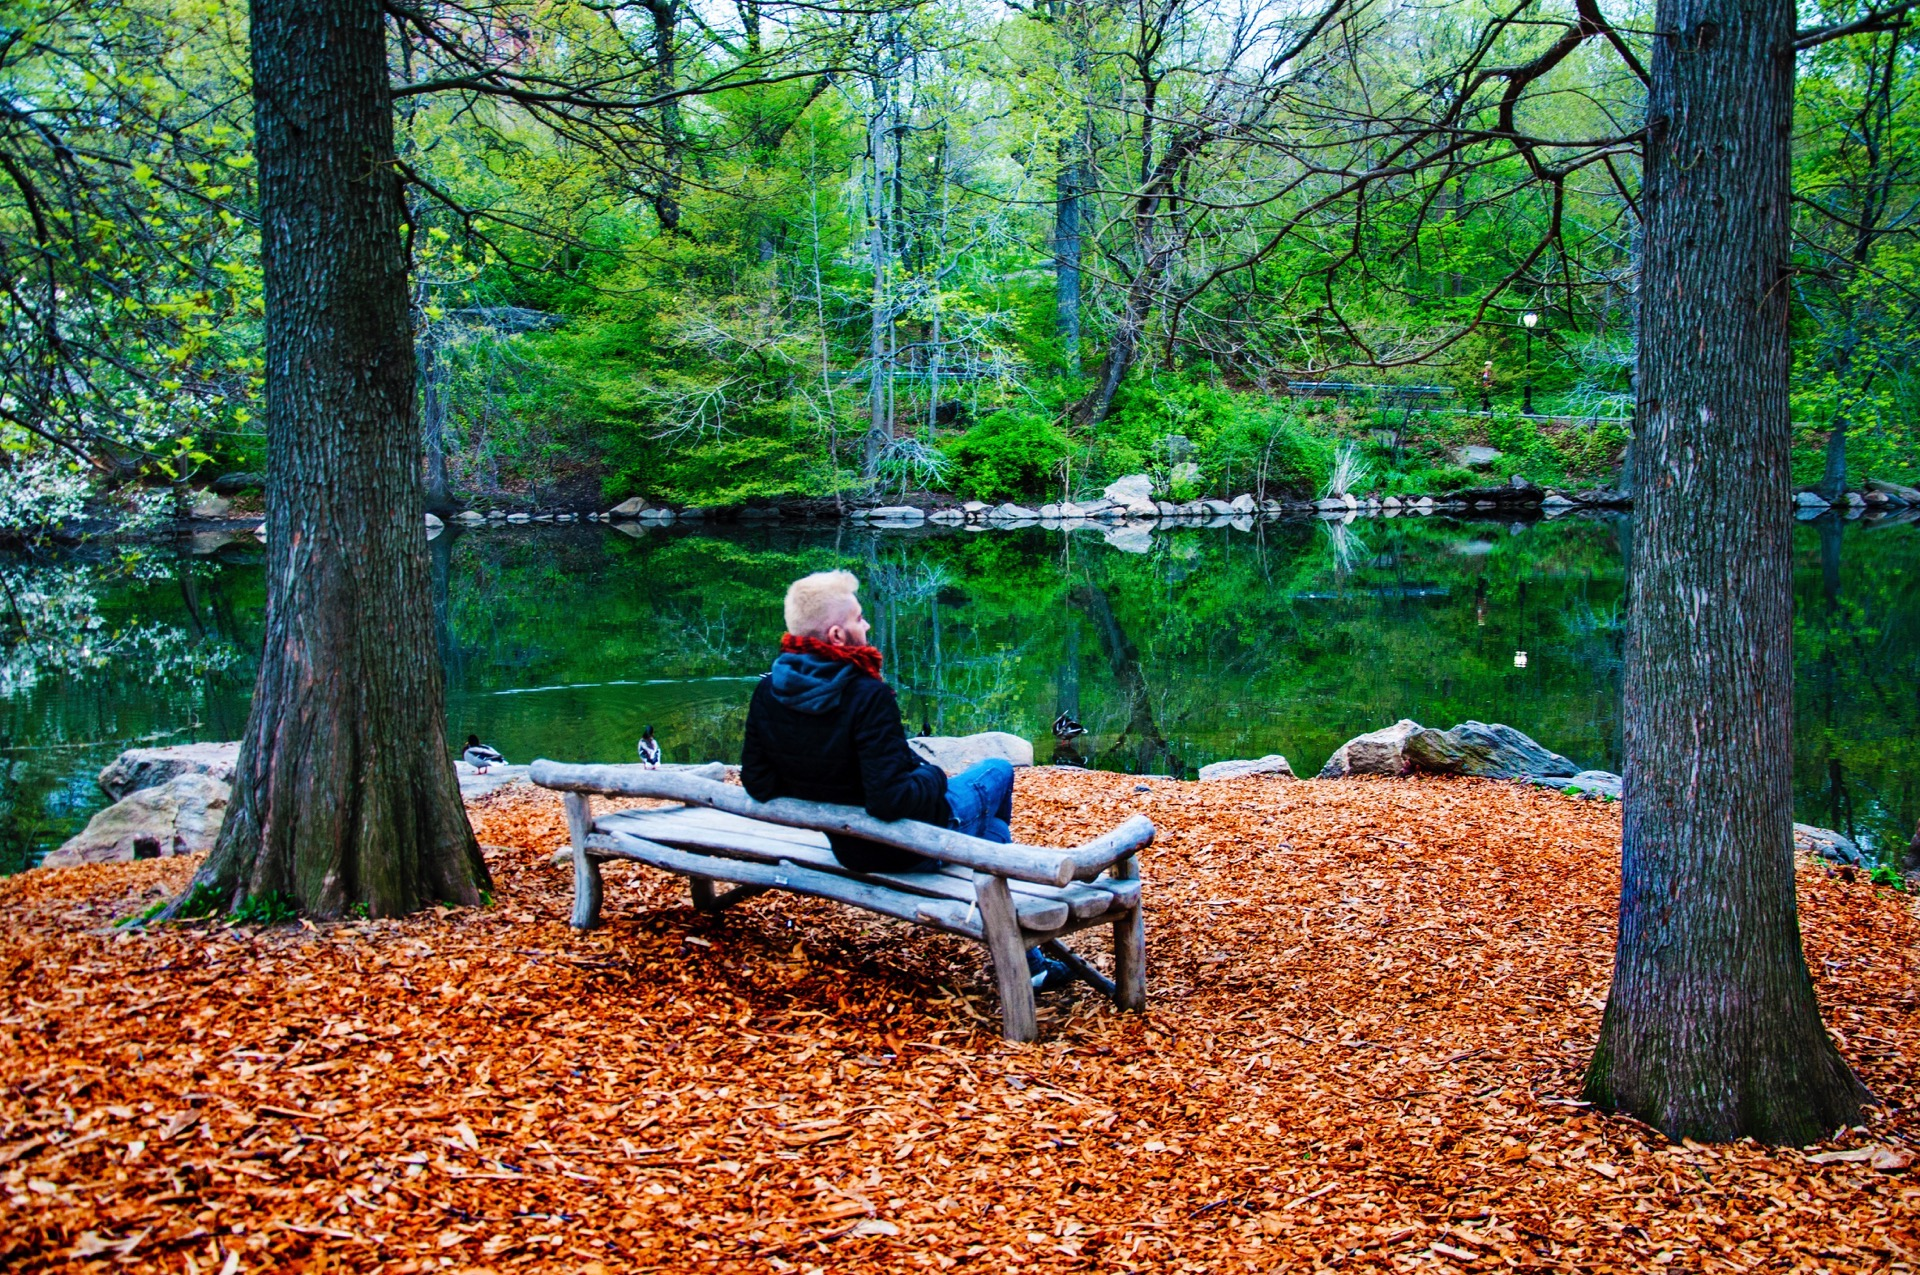 Having rest in Central Park - Pako Campo